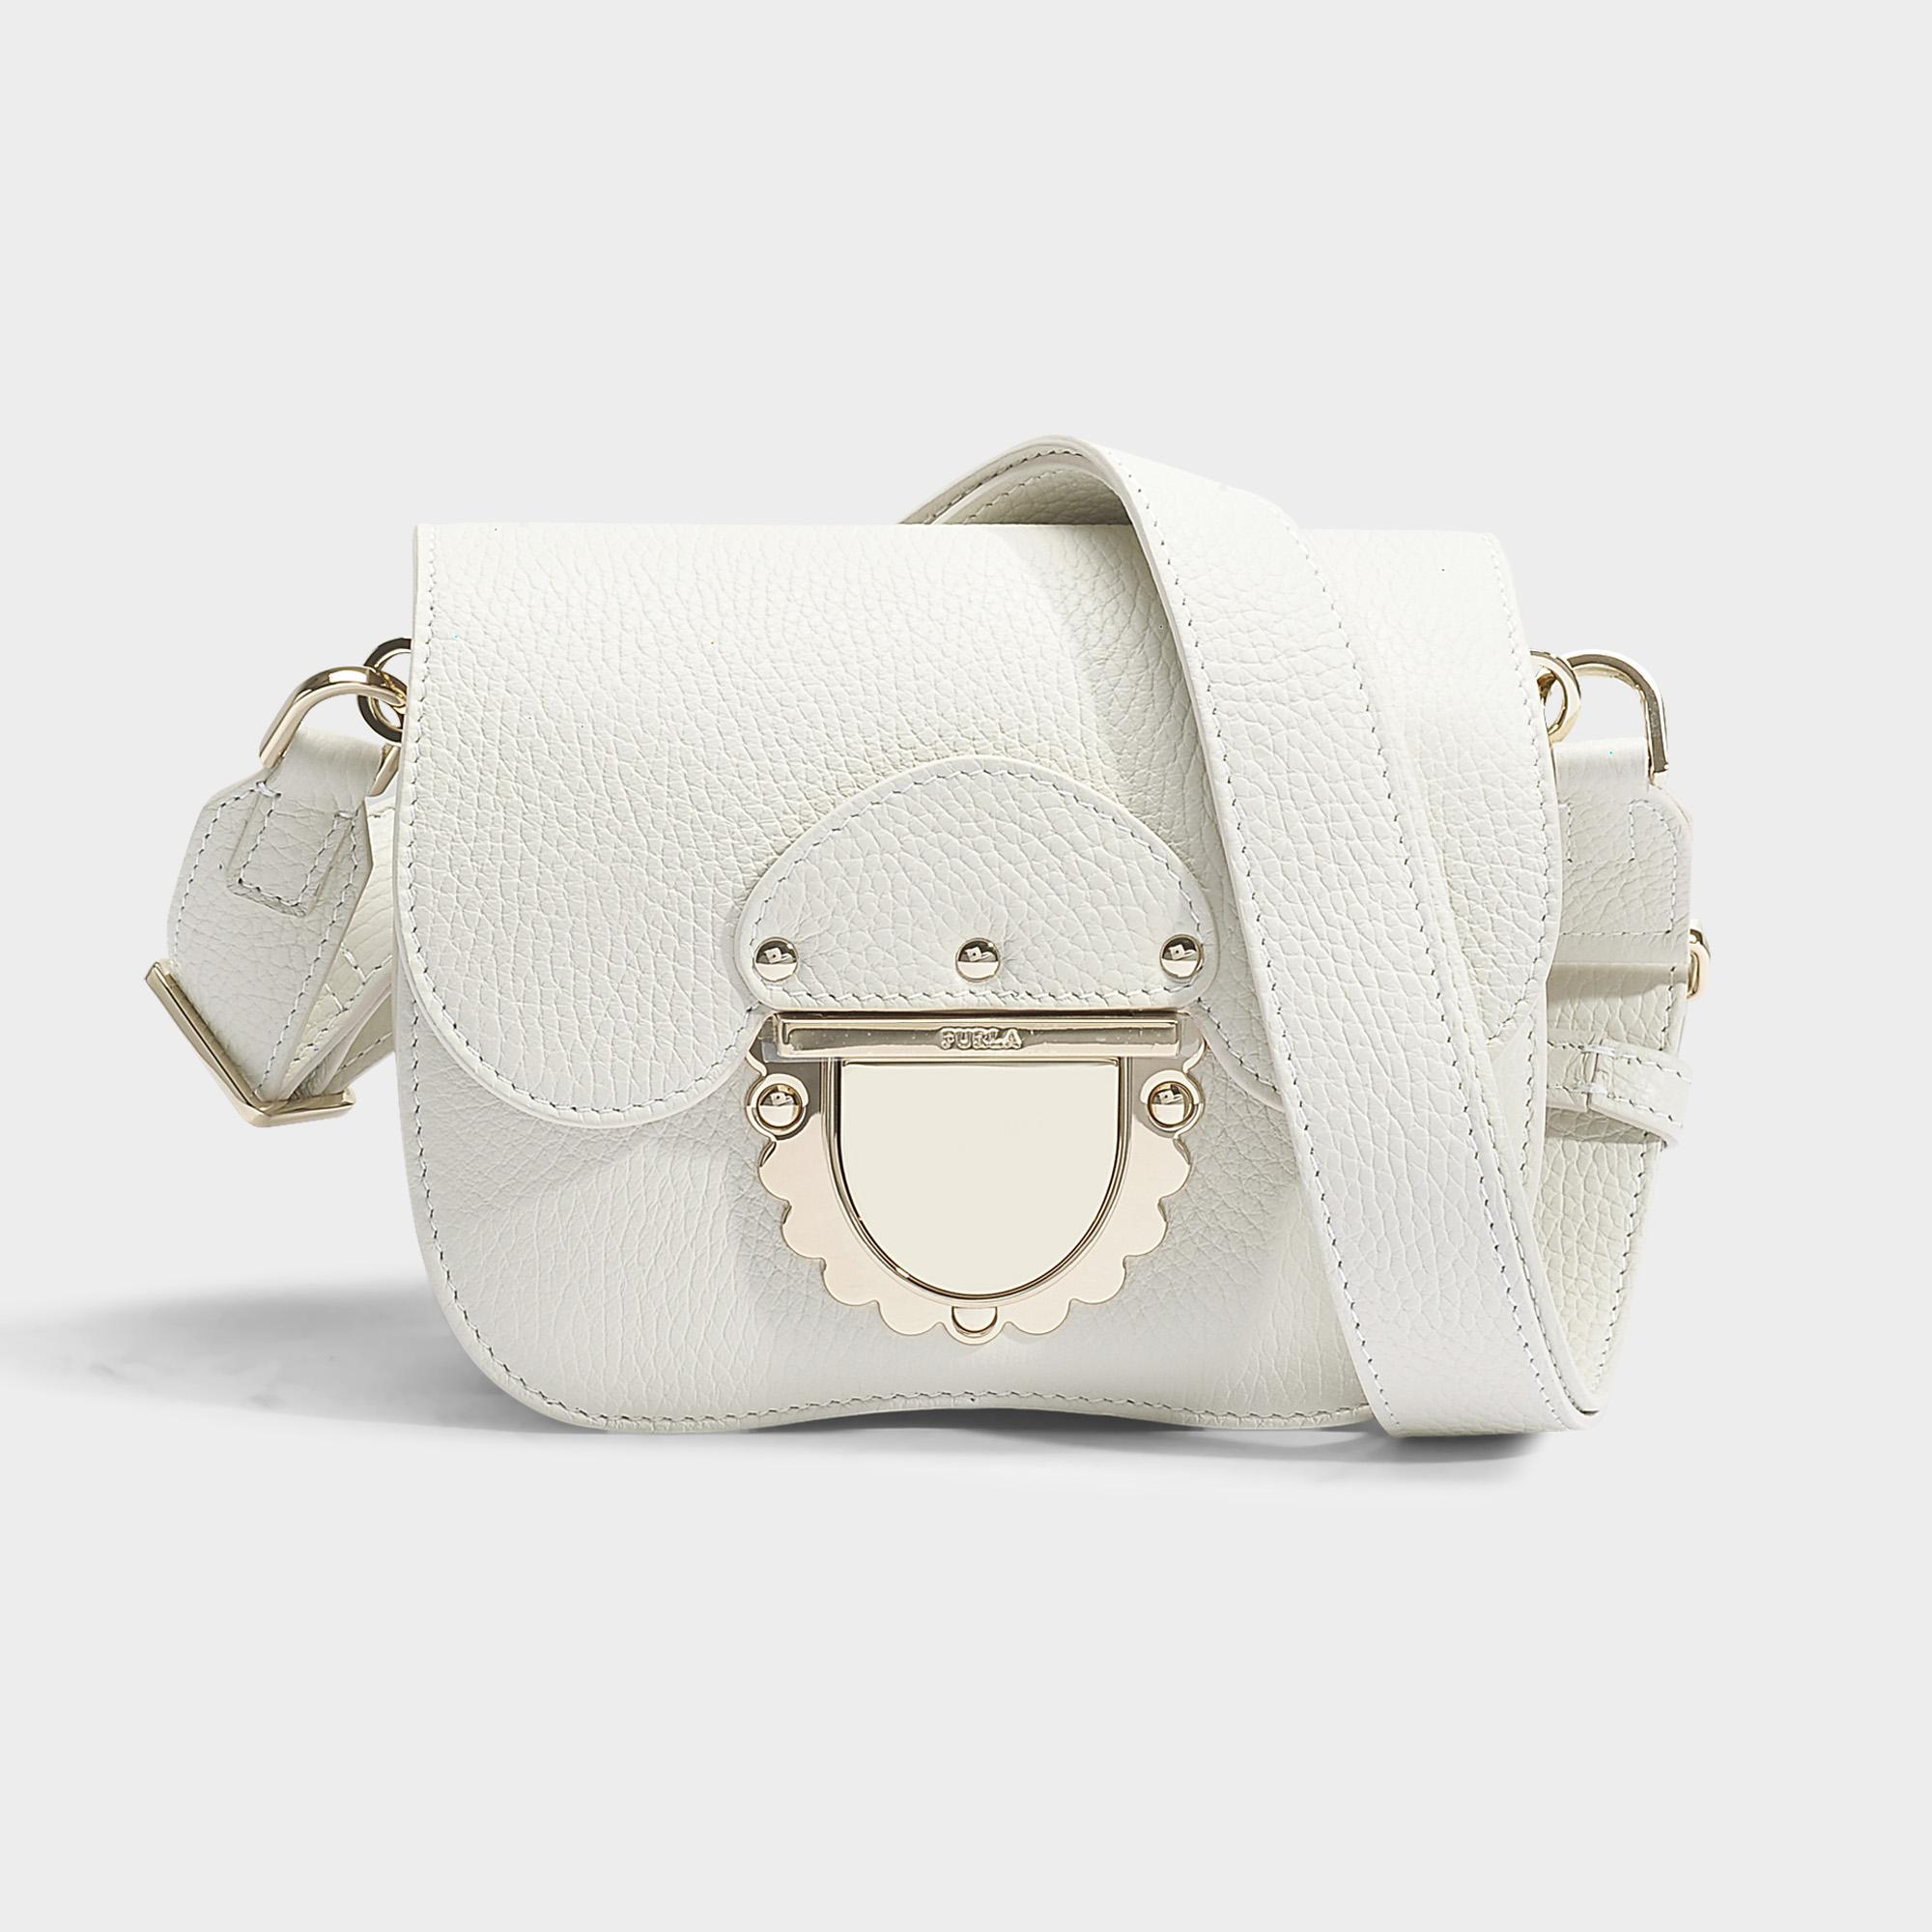 5229031b22 Furla Ducale Mini Crossbody Bag In Petalo Calfskin in White - Lyst